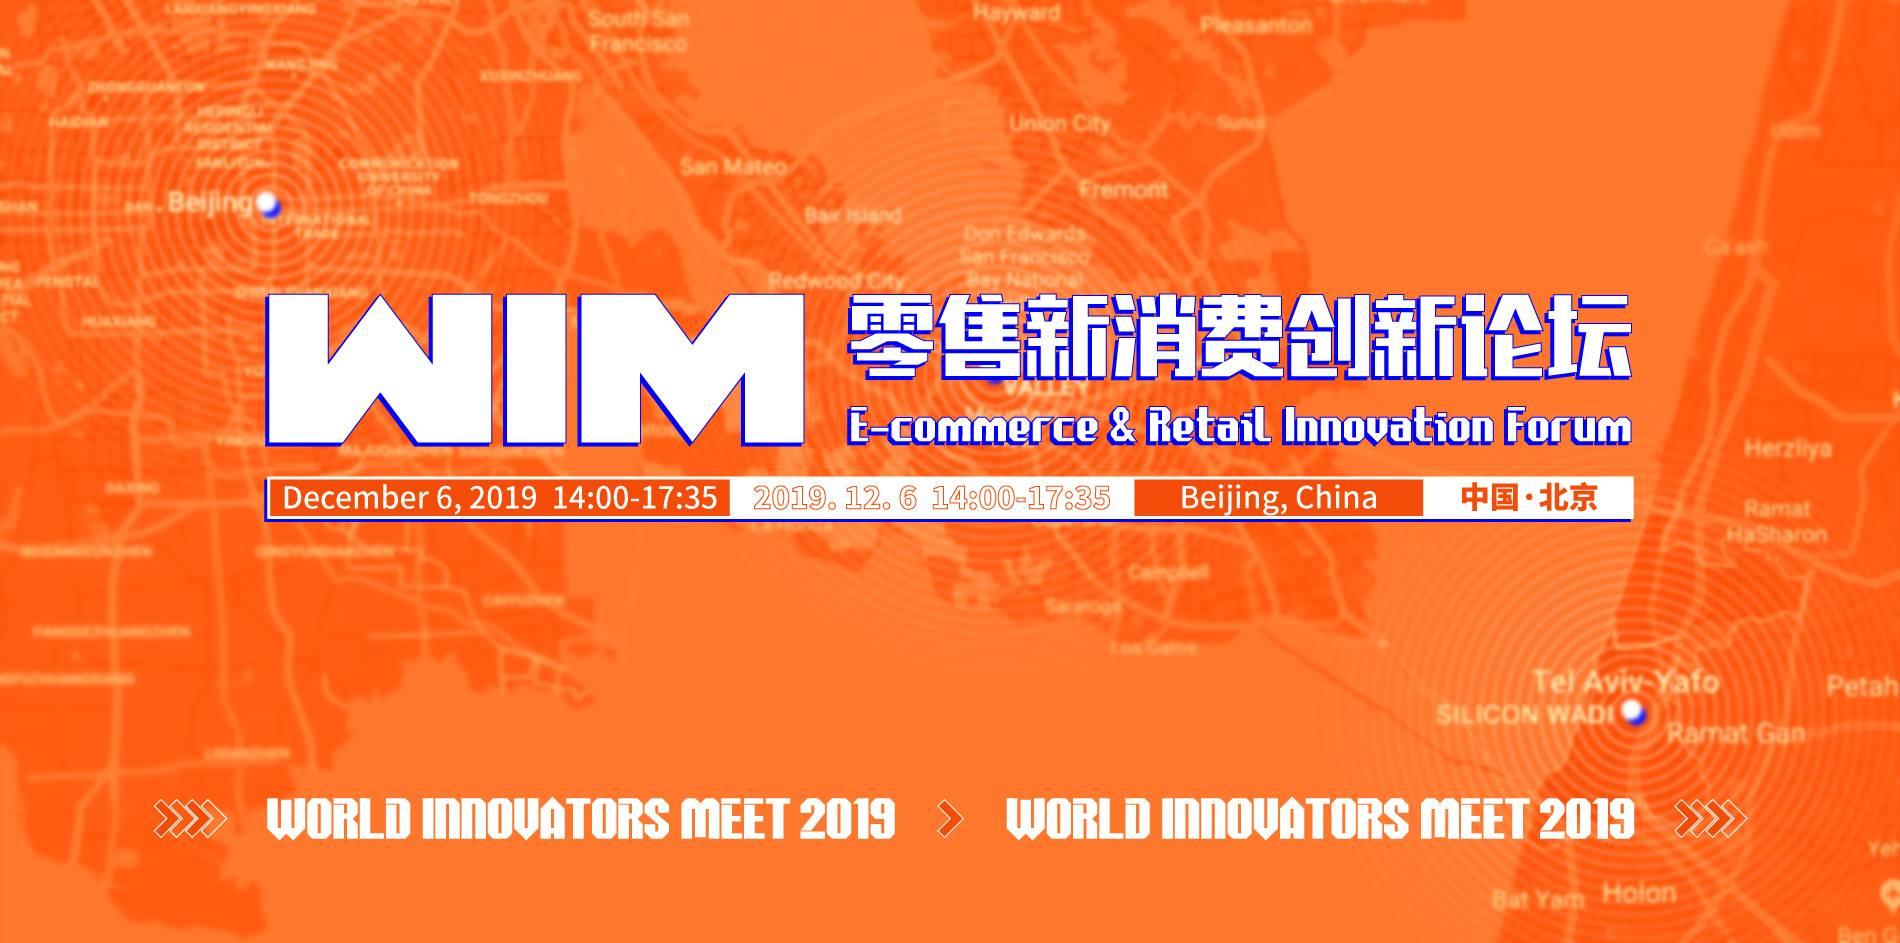 【活动】2019世界创新者年会-零售新消费创新论坛-亿欧